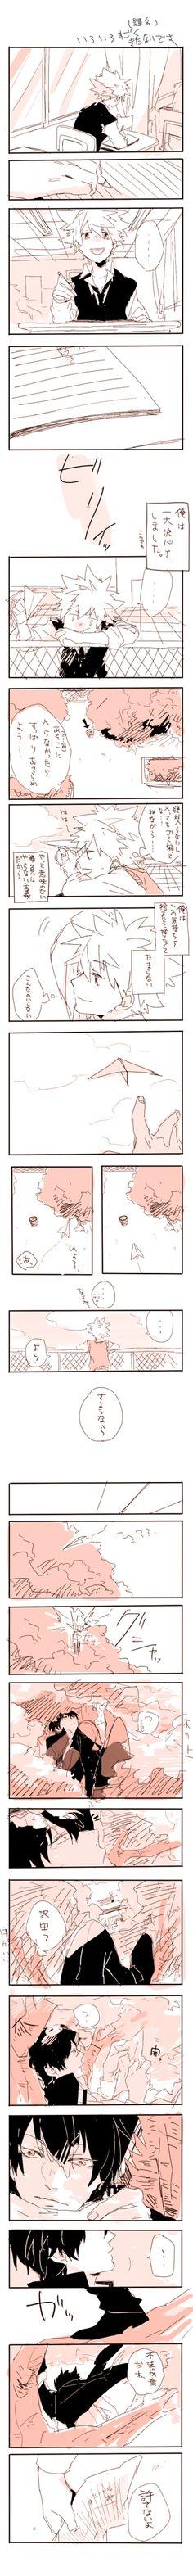 Hibari x Tsuna